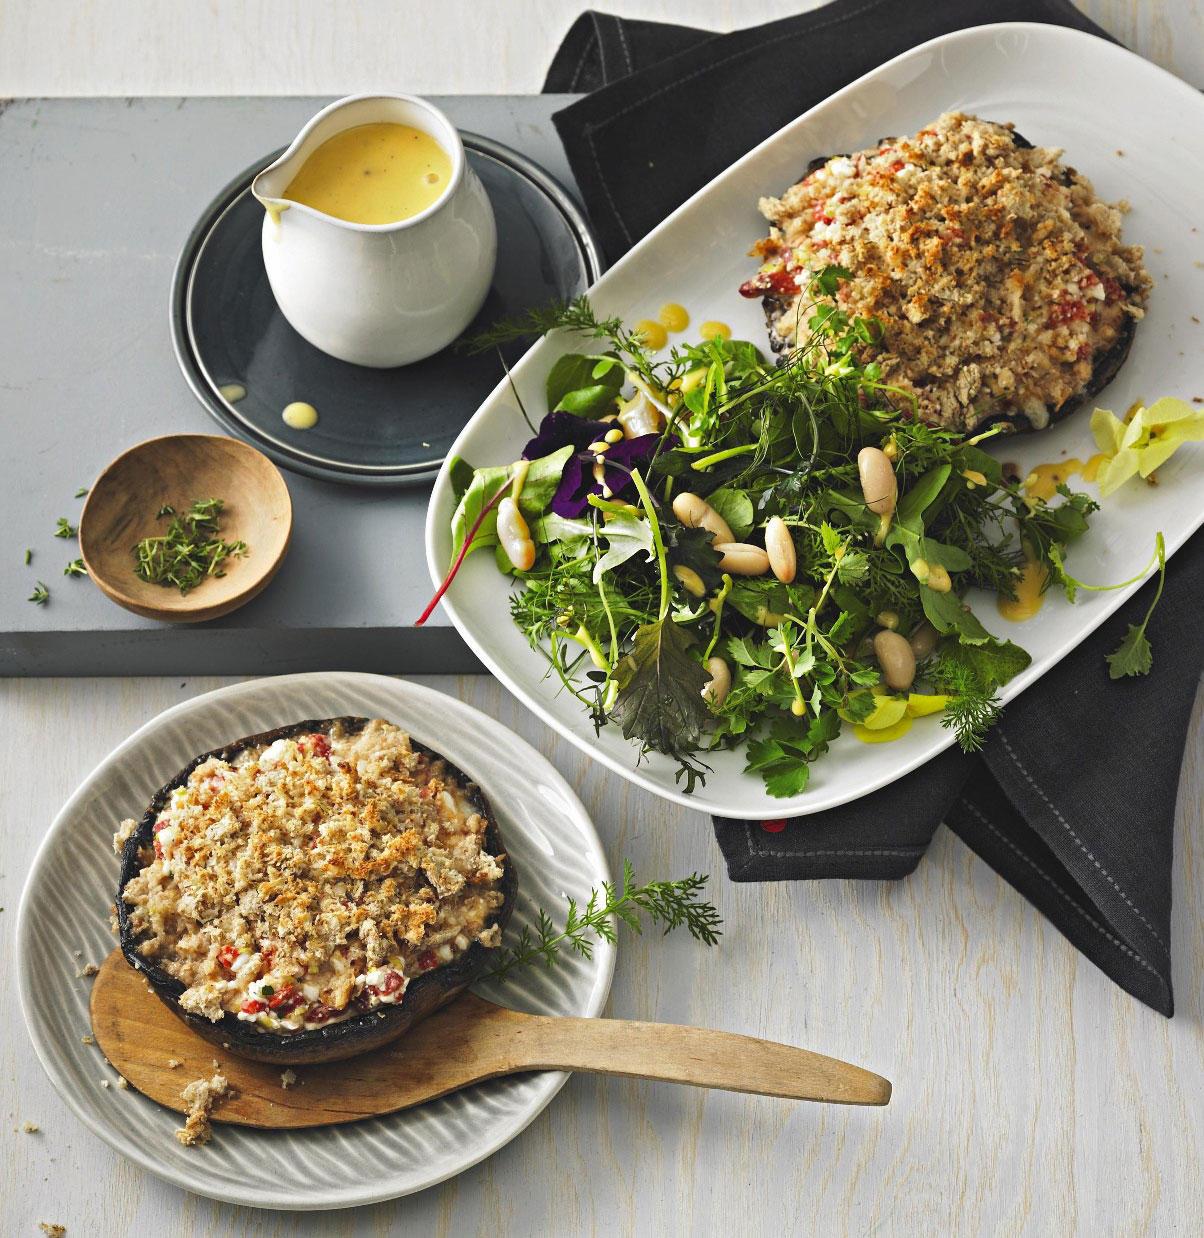 BRIGITTE-Diät: Abnehmen mit mediterranen Rezepten   BRIGITTE.de